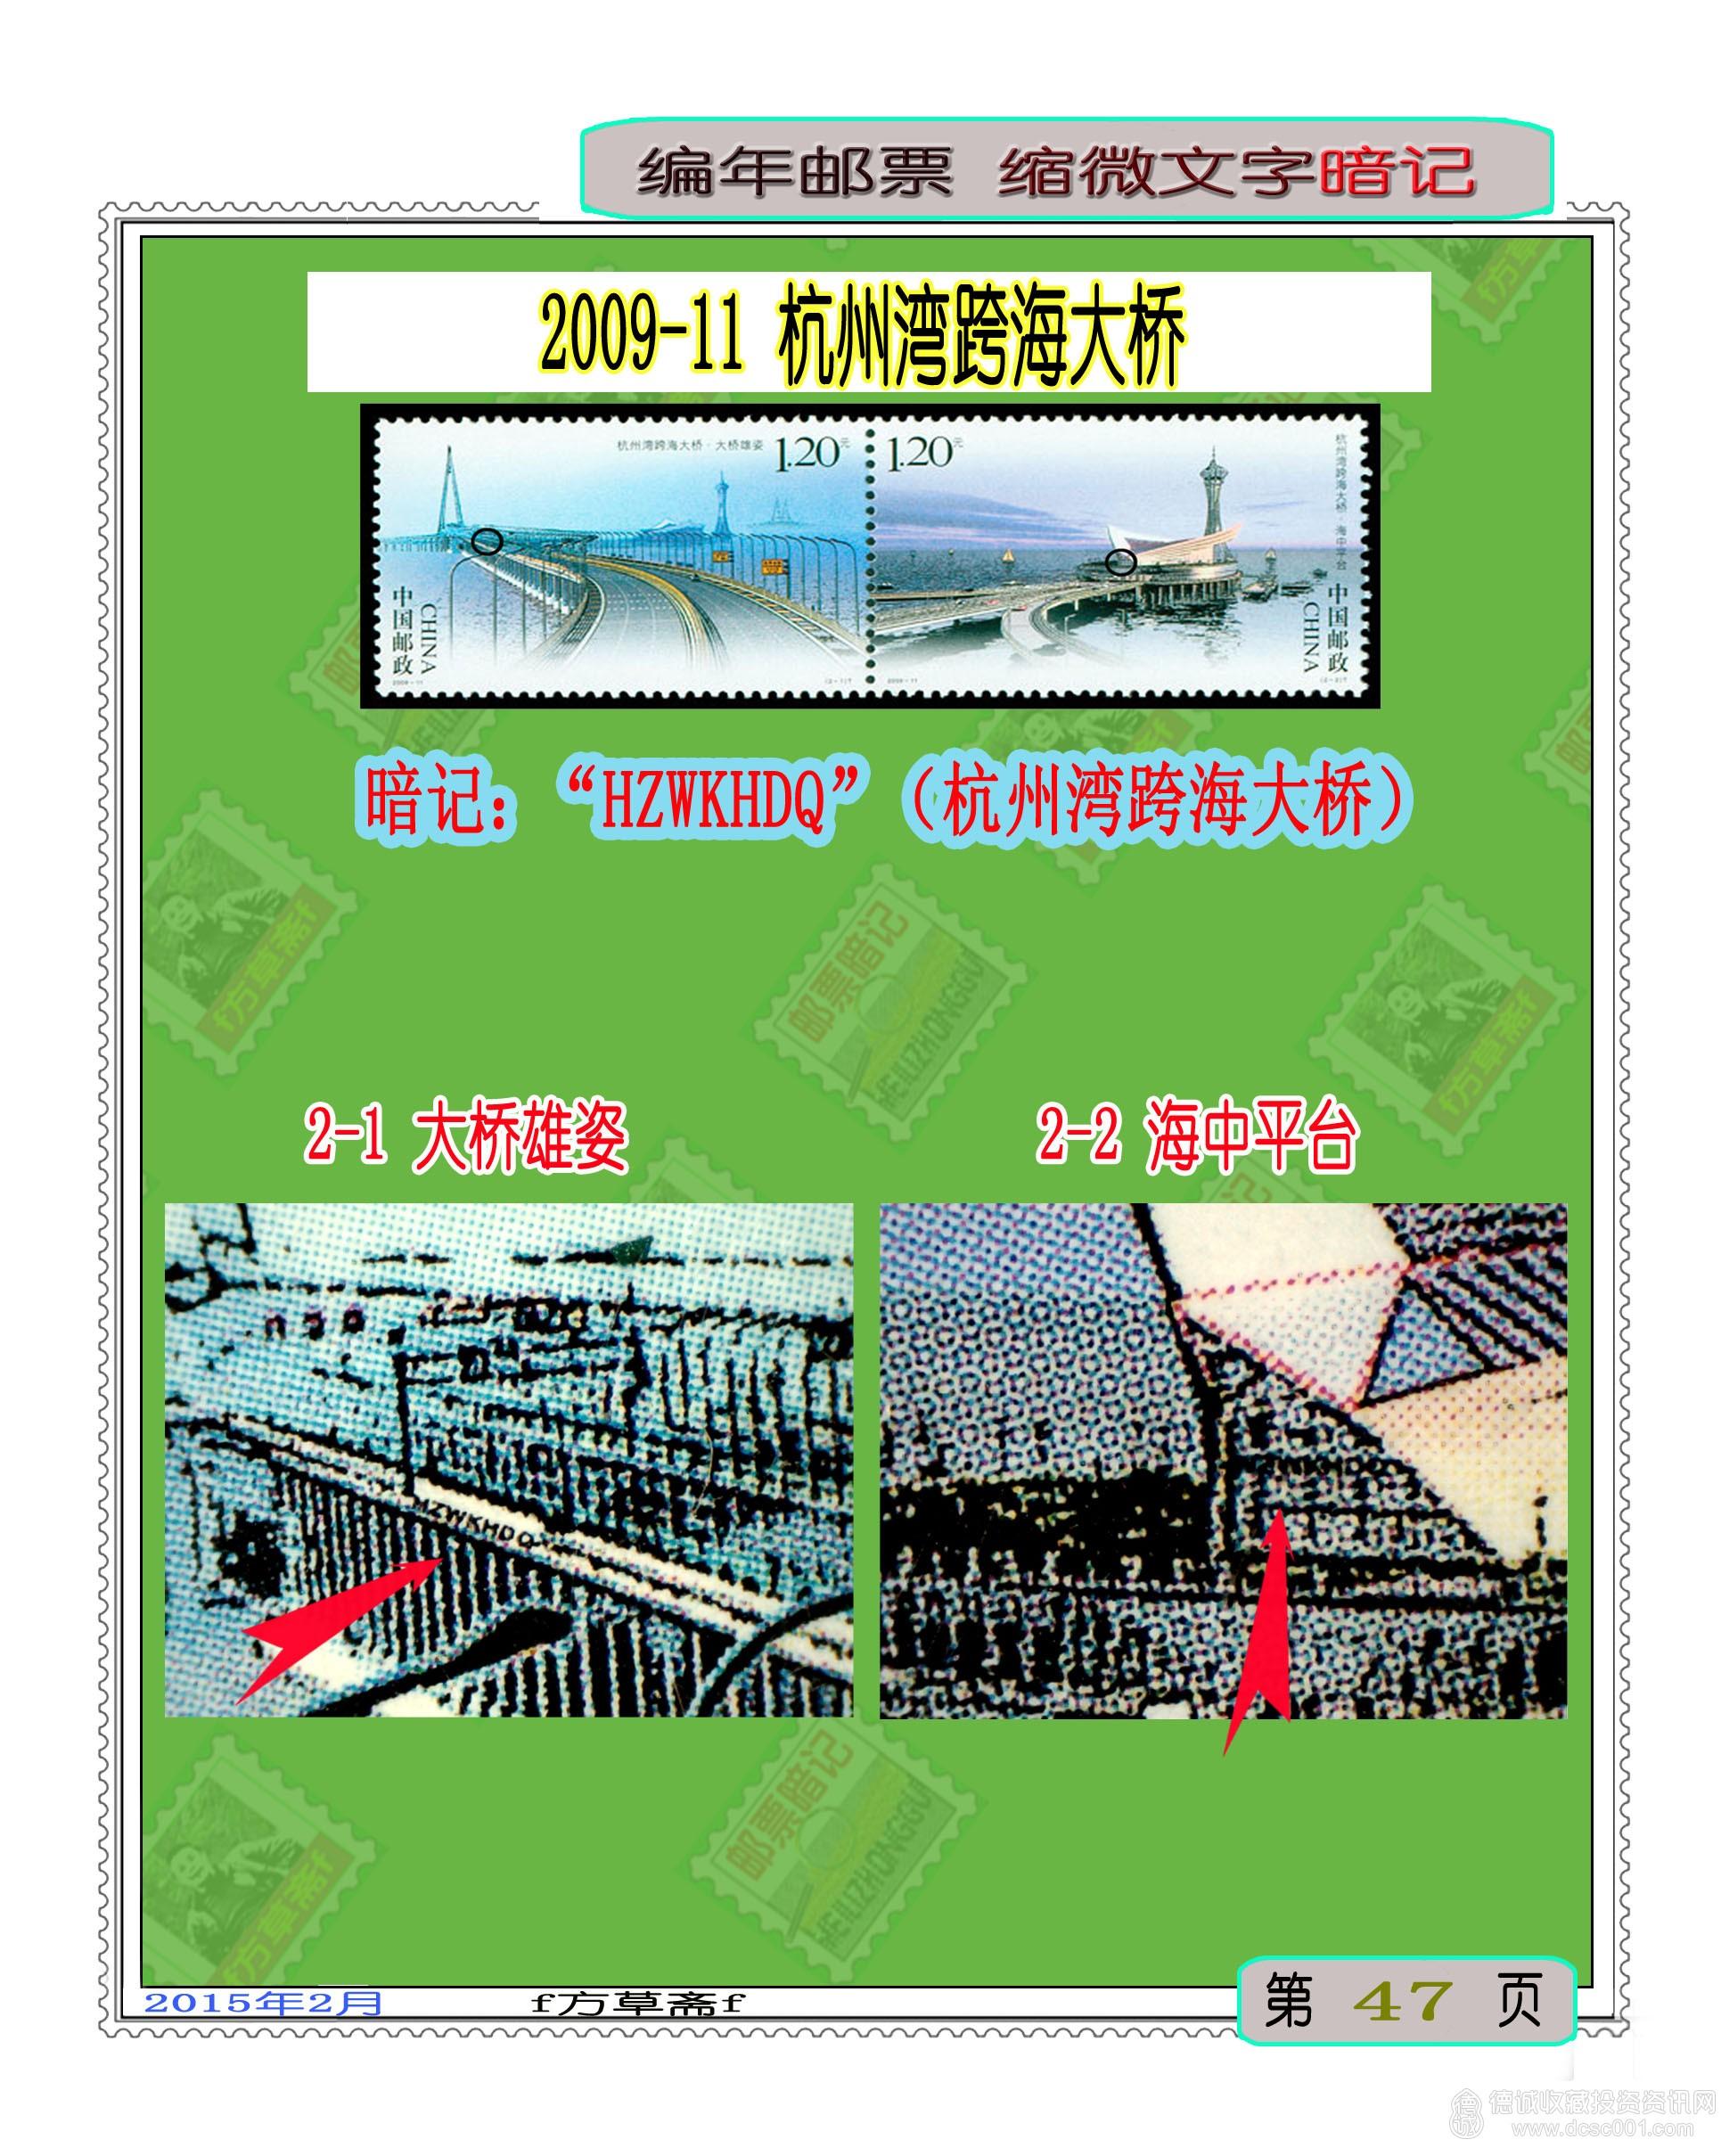 2009-11 杭州湾跨海大桥.jpg